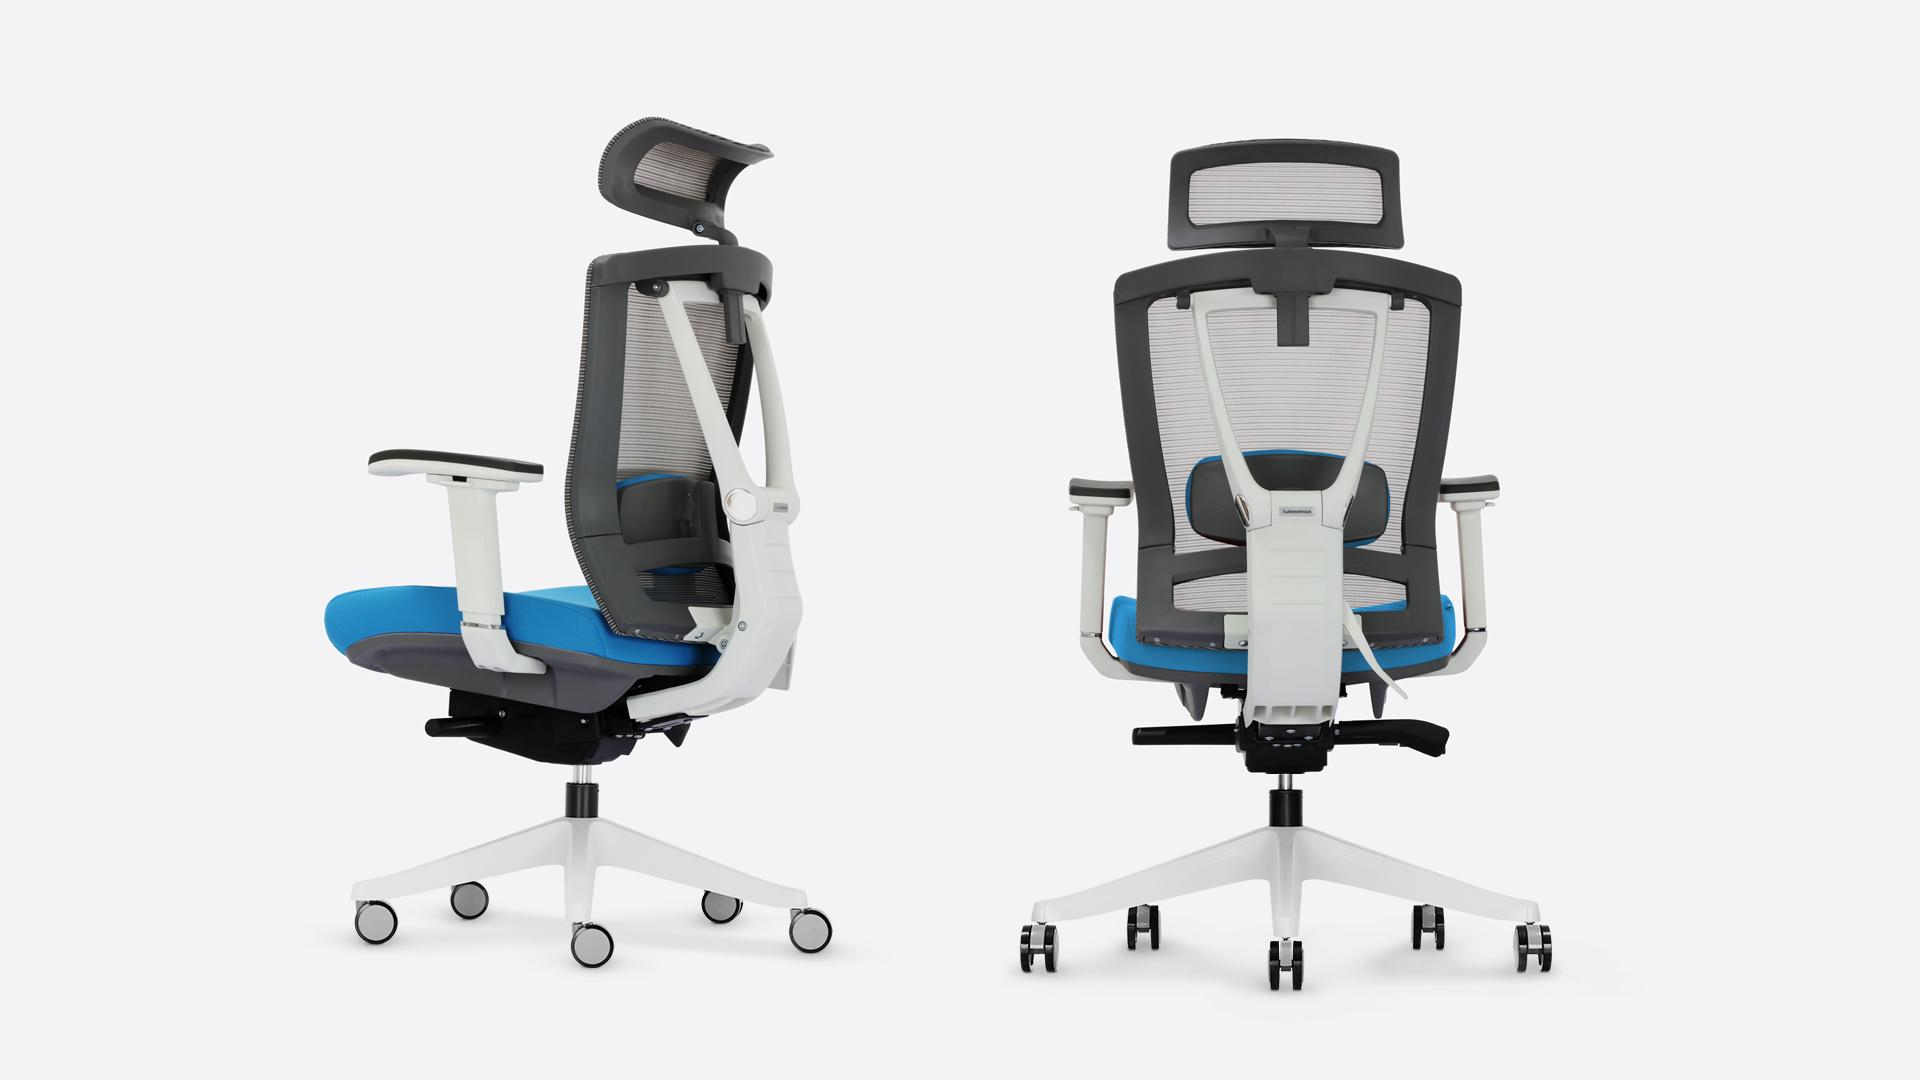 Autonomous Ergo chair 2 - $299